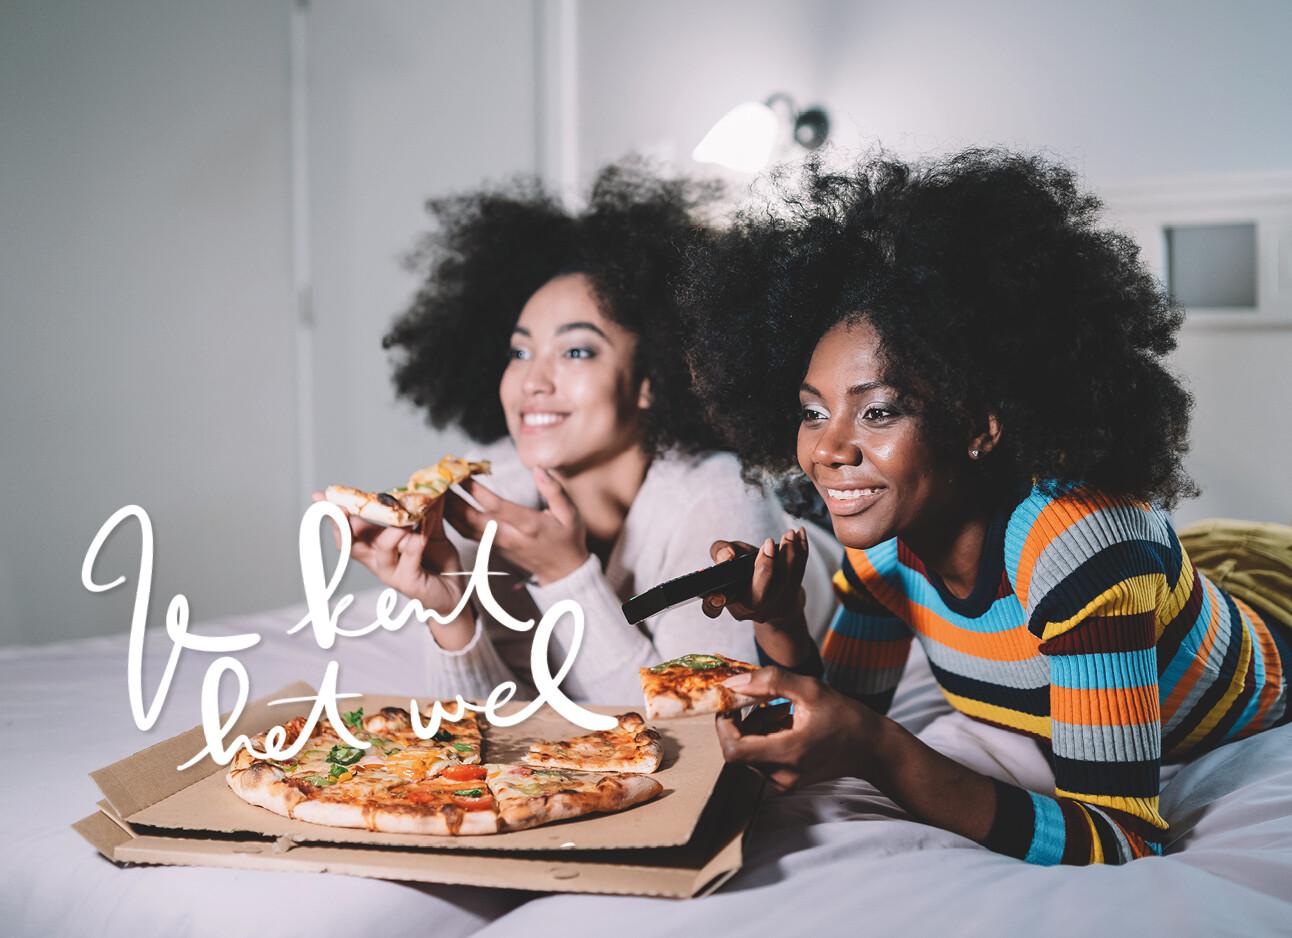 twee vrouwen in bed pizza eten